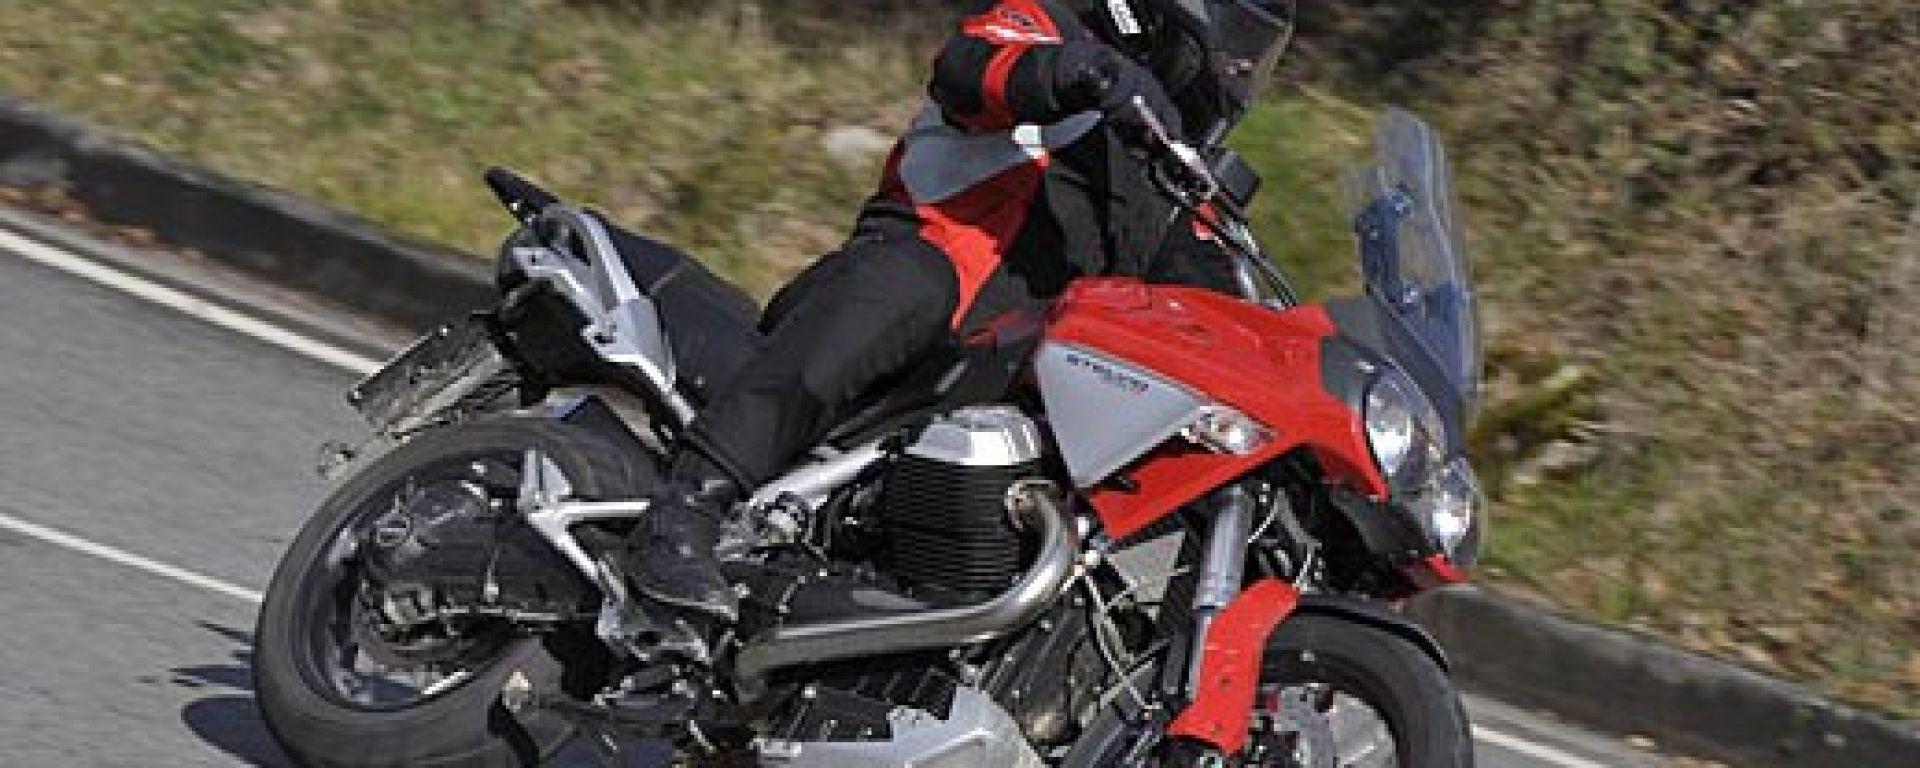 Big Enduro Contro - Moto Guzzi Stelvio